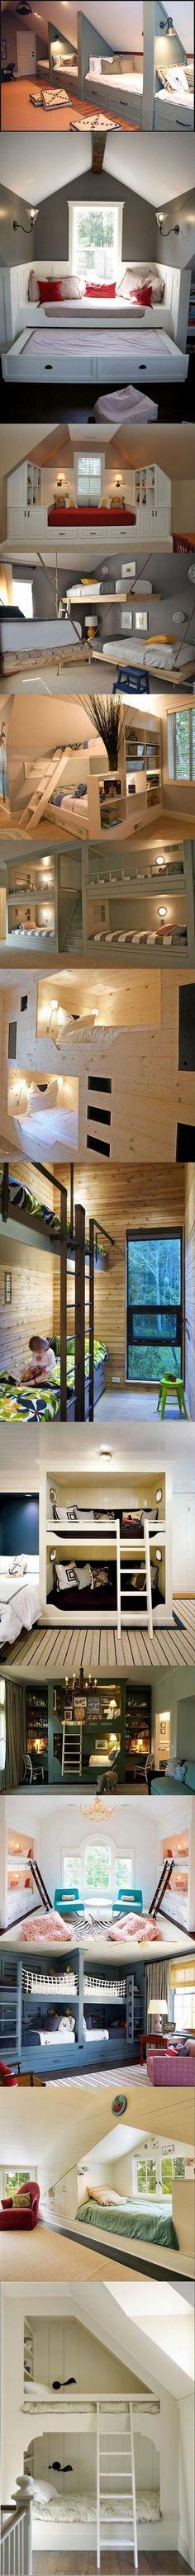 Idee voor onderschuifbed met huis ombouw